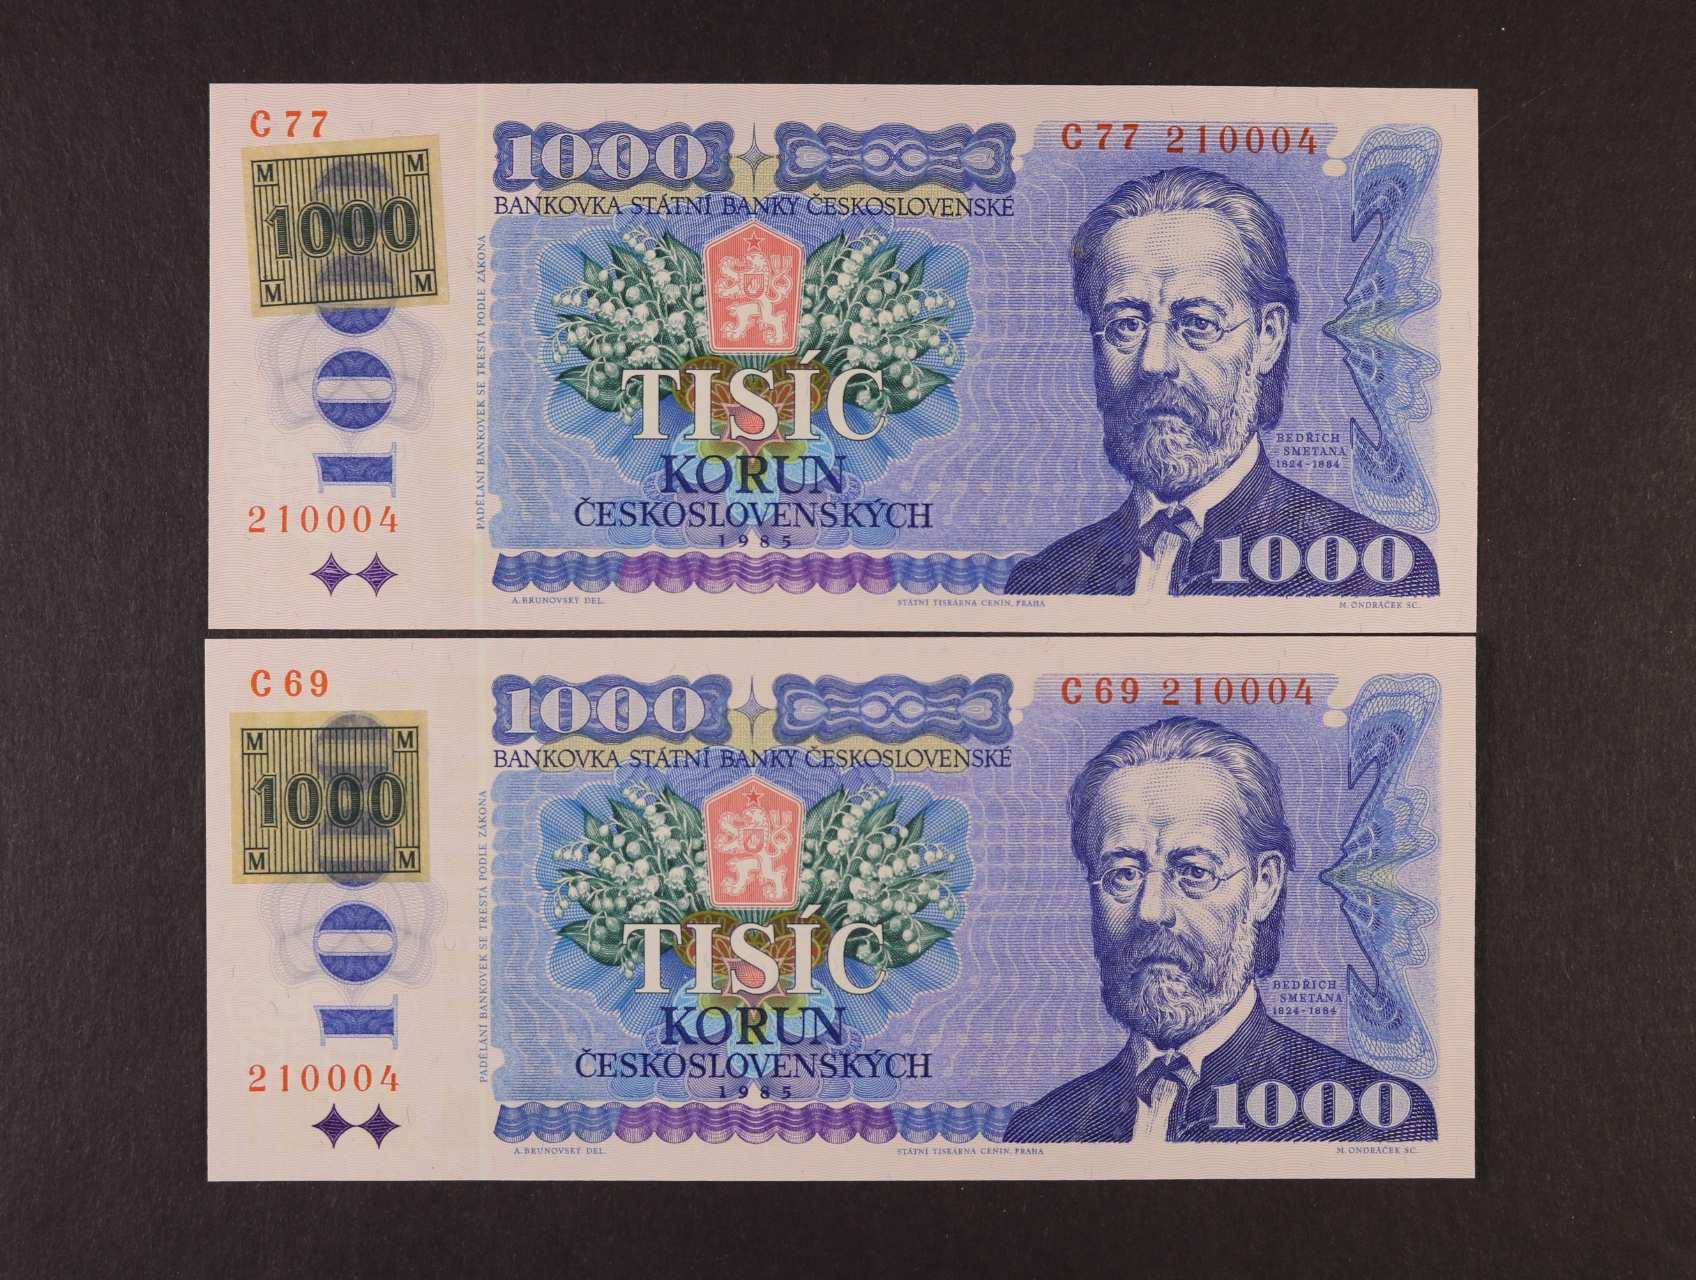 1000 Kčs/Kč 1985/93 série C 69 a C 77 kolkované lepeným kolkem, obě se stejným číslem 210004, Ba. CZ3a1, CZ10a